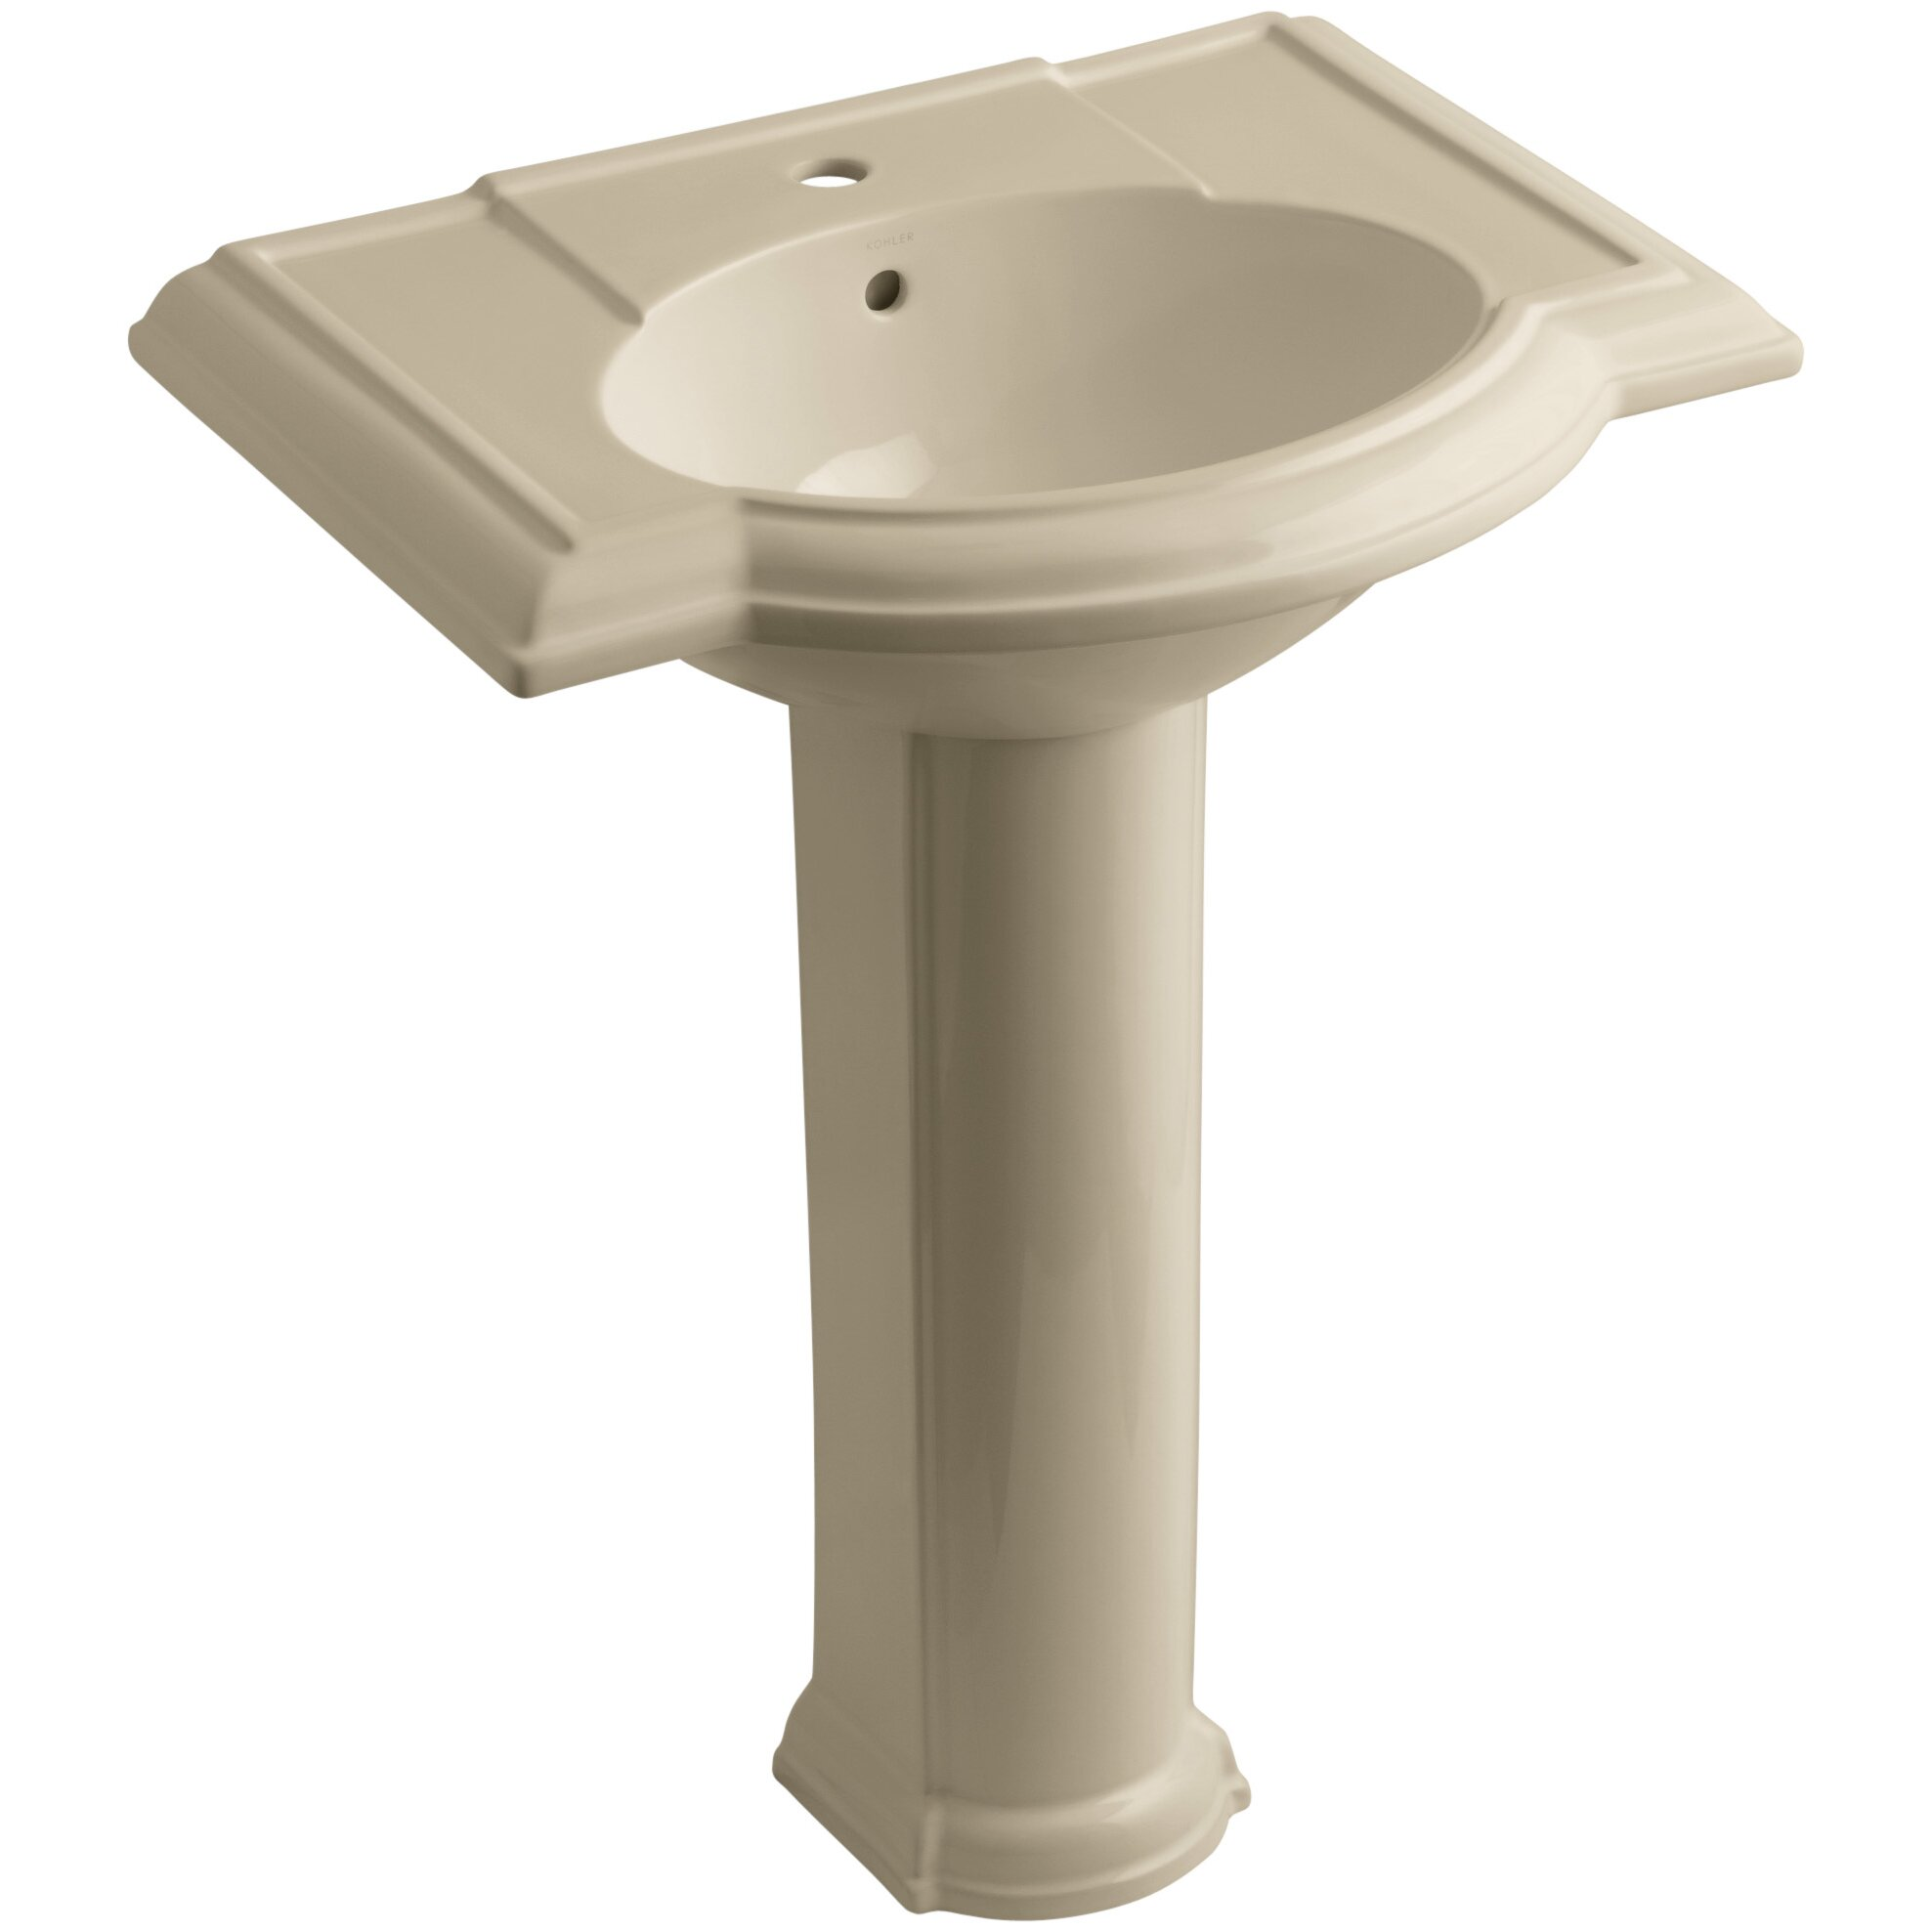 Devonshire Pedestal Sink : Kohler Devonshire 27